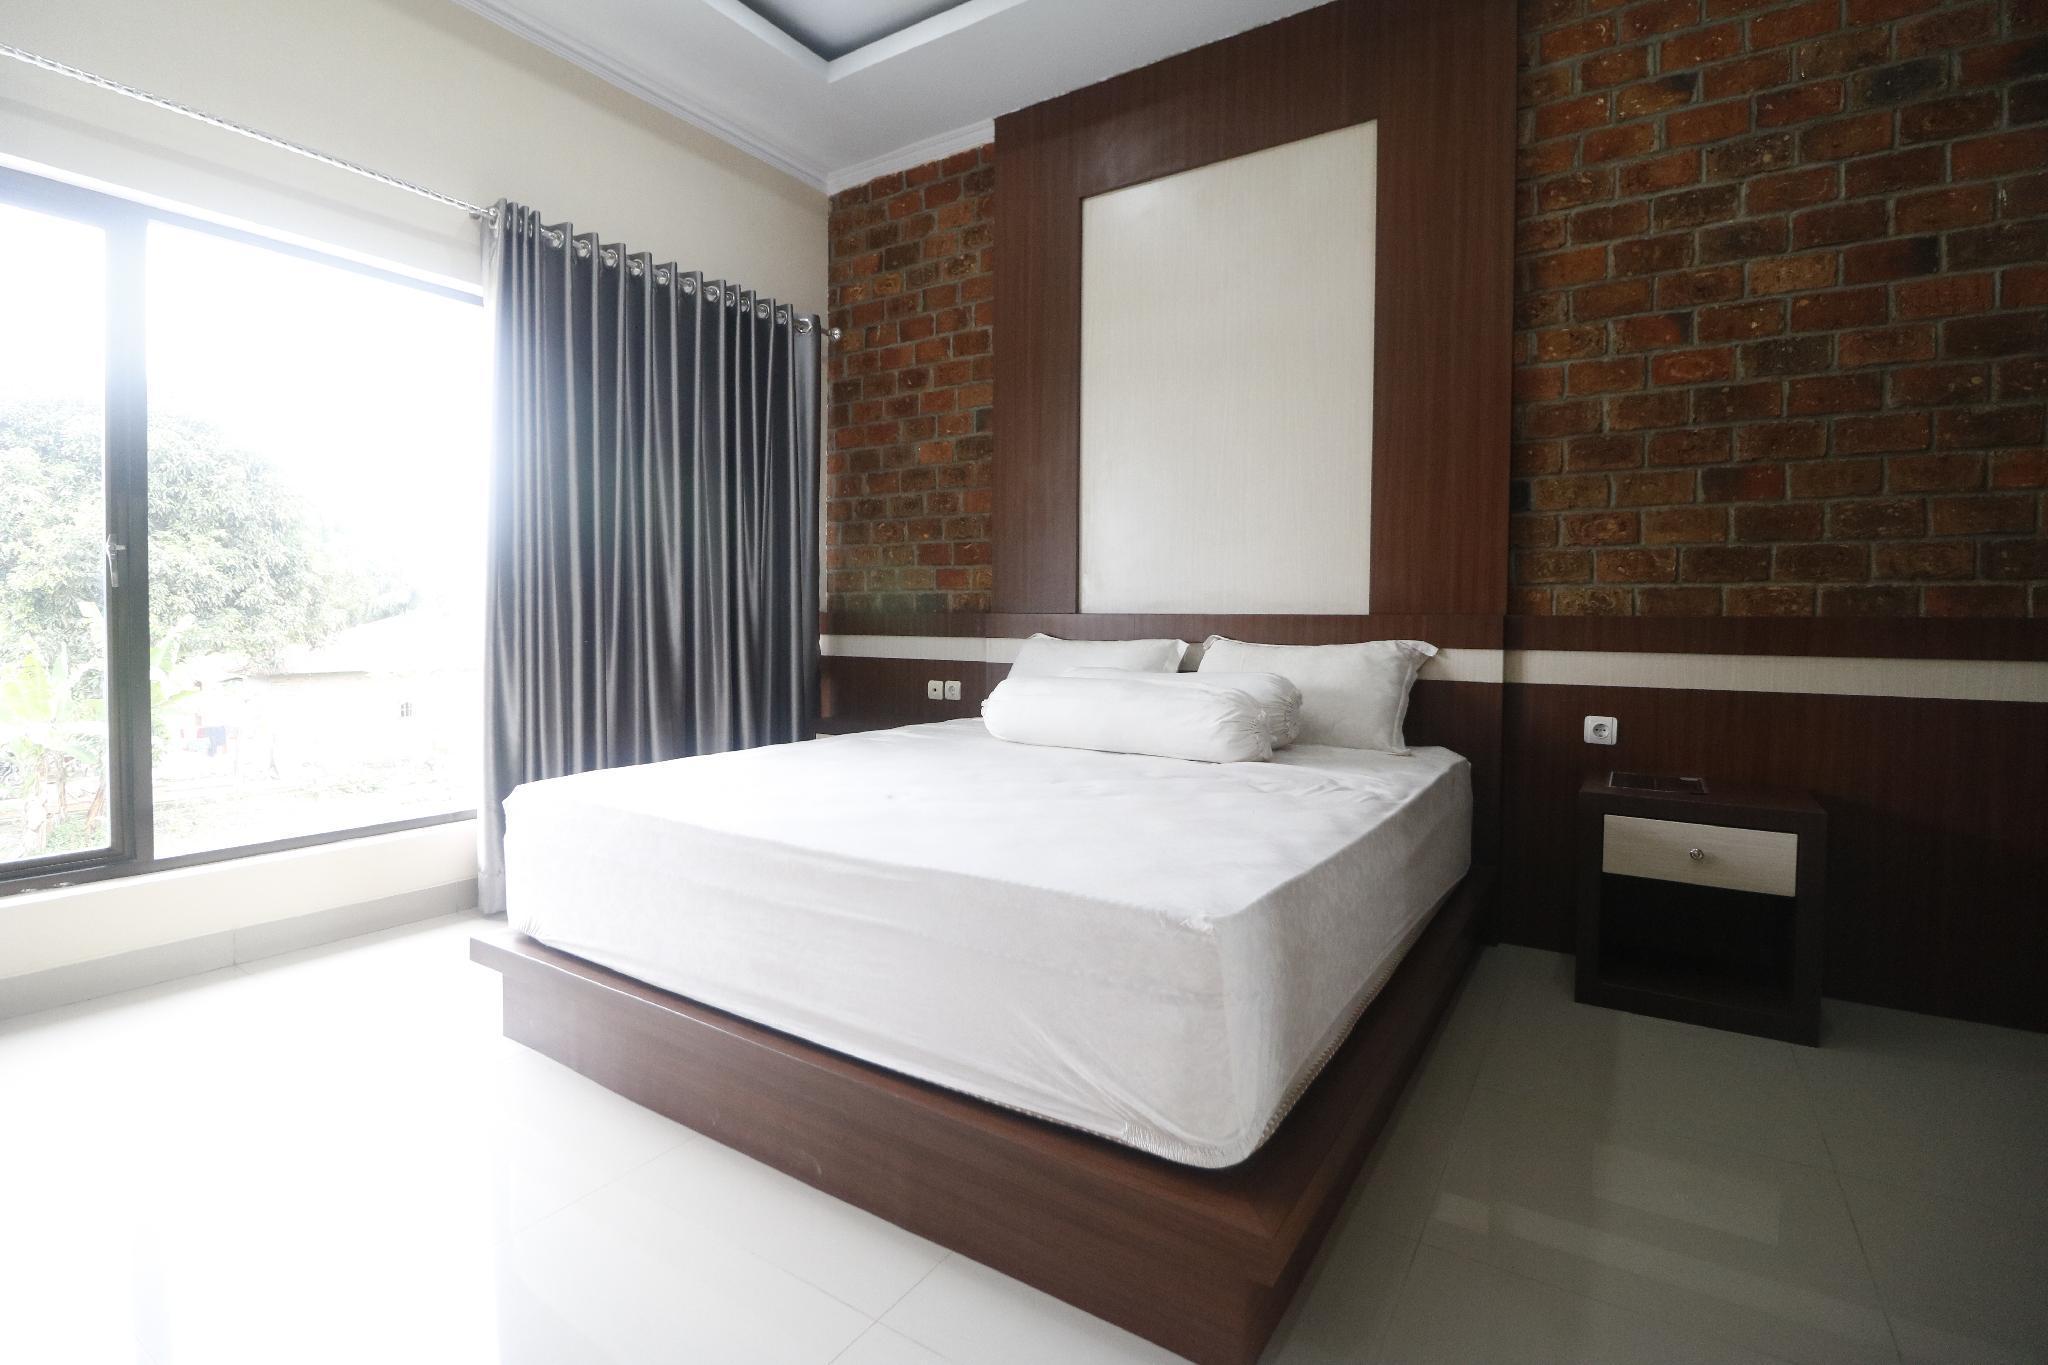 Hotel Rumah Kost Kualanamu, Deli Serdang